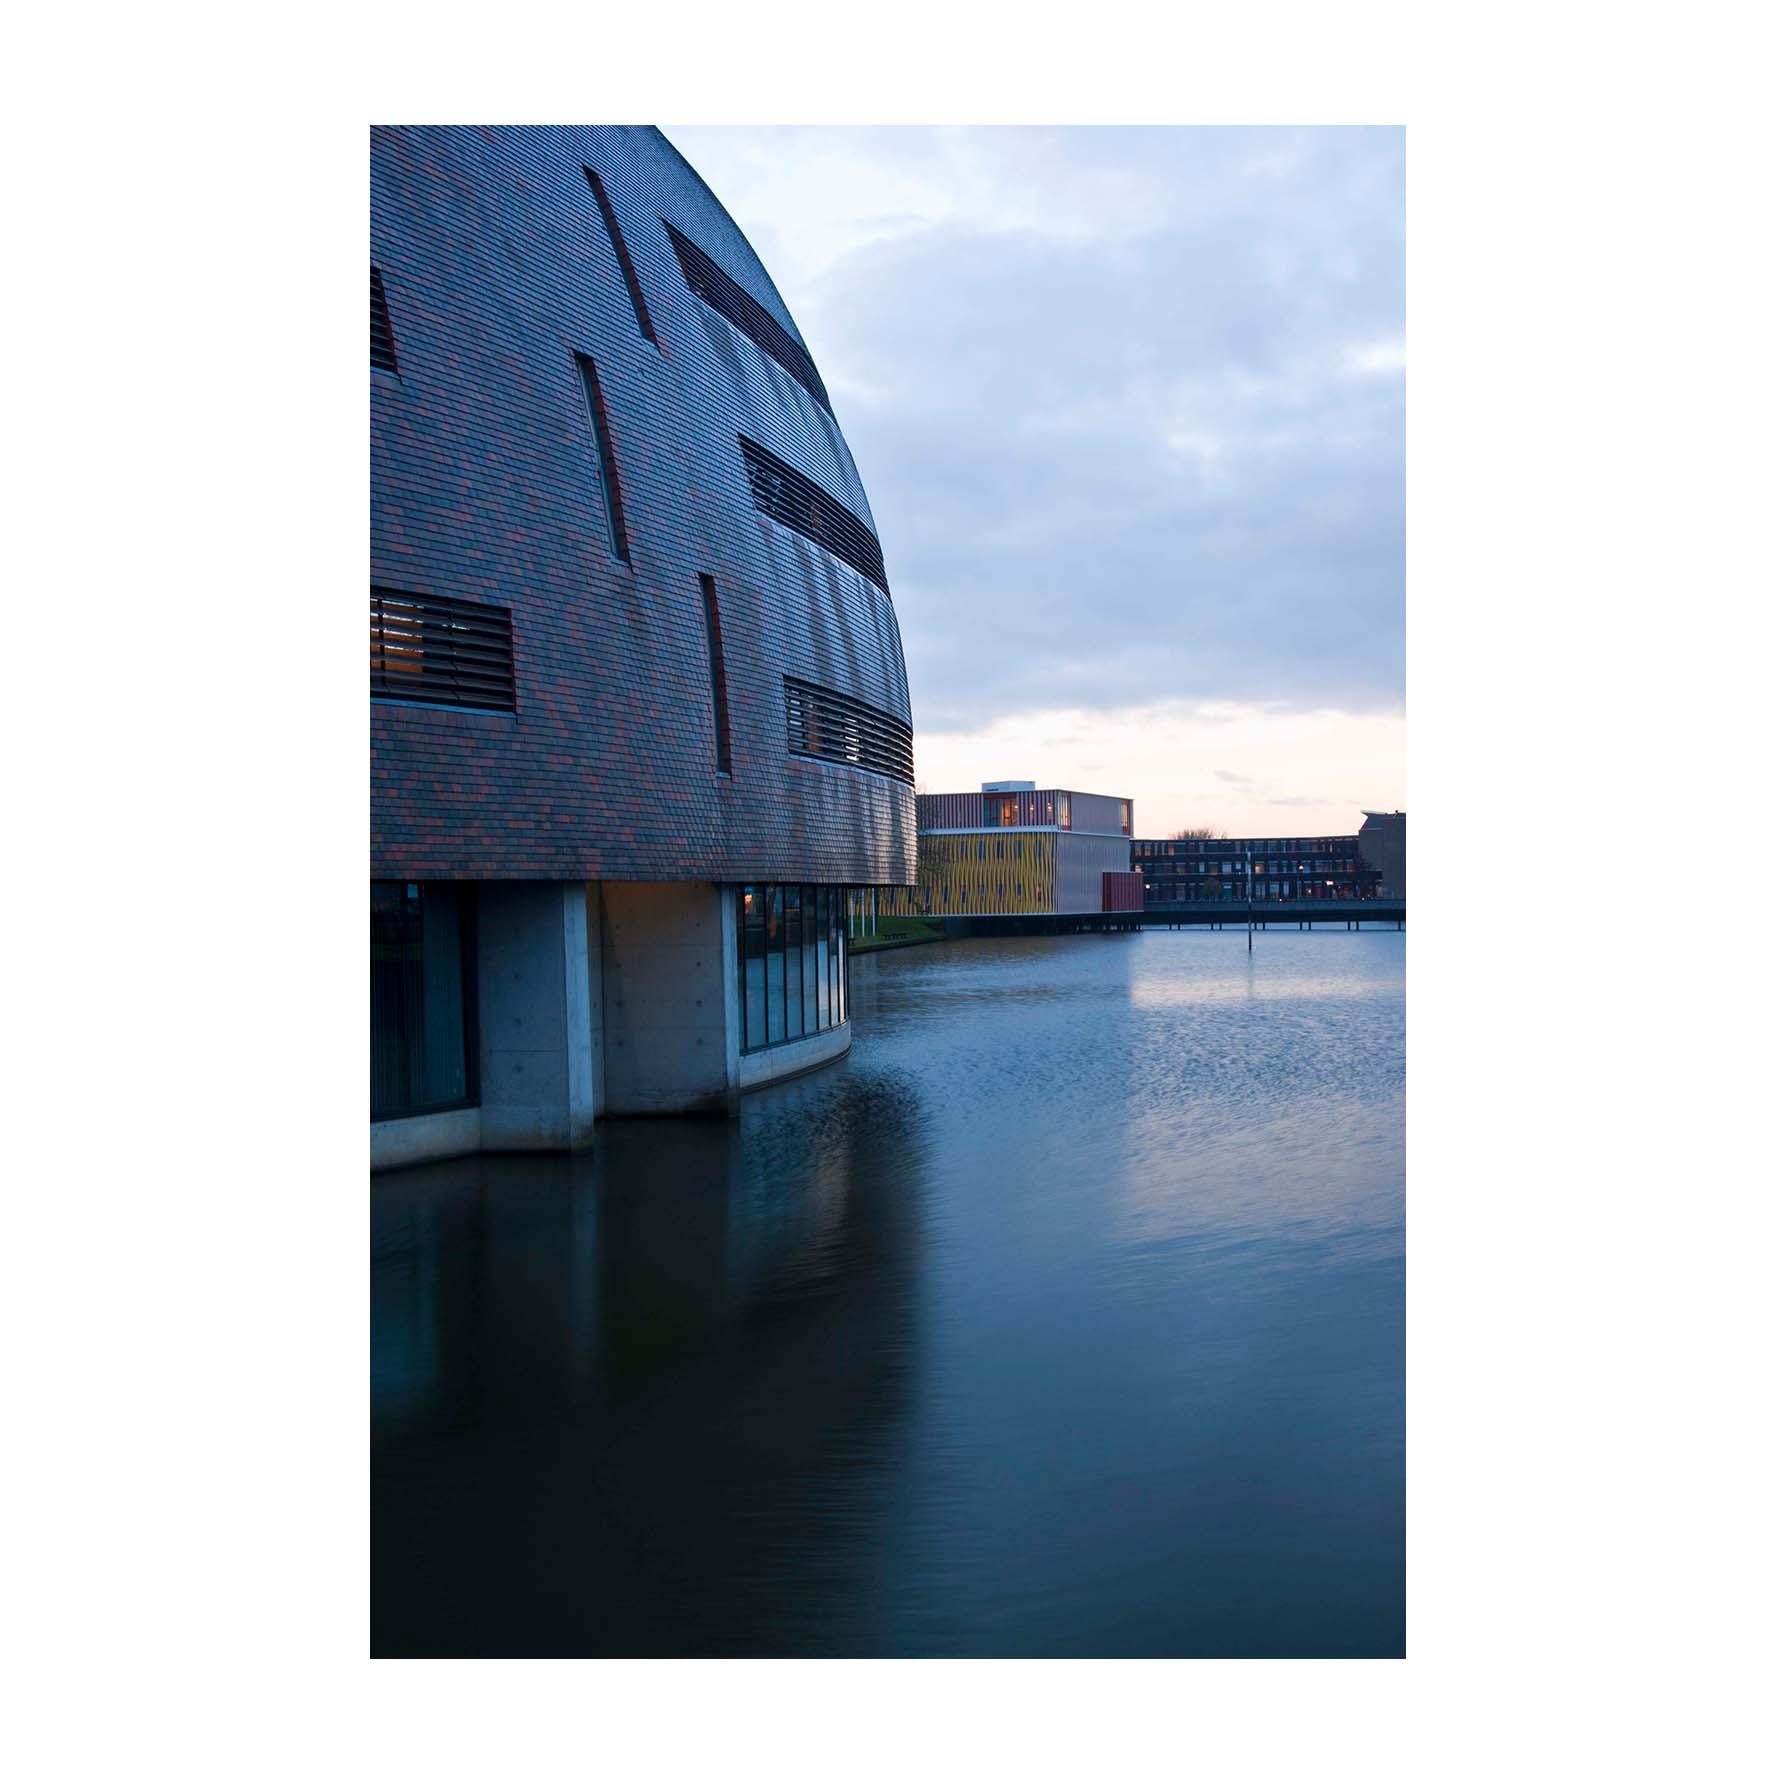 Architectuurfotografie - Archief eigen werk